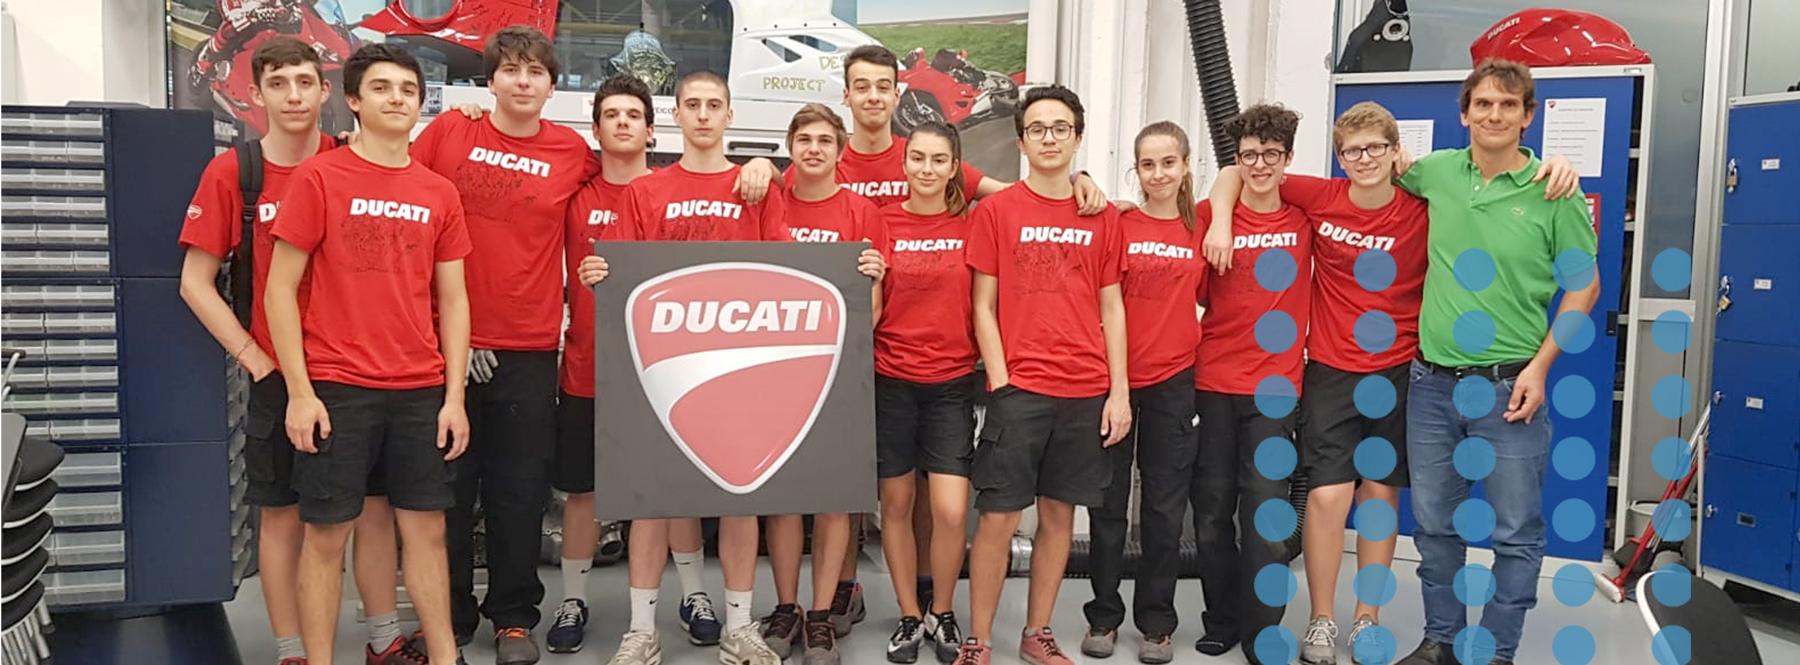 Scuole Malpighi Stage Ducati